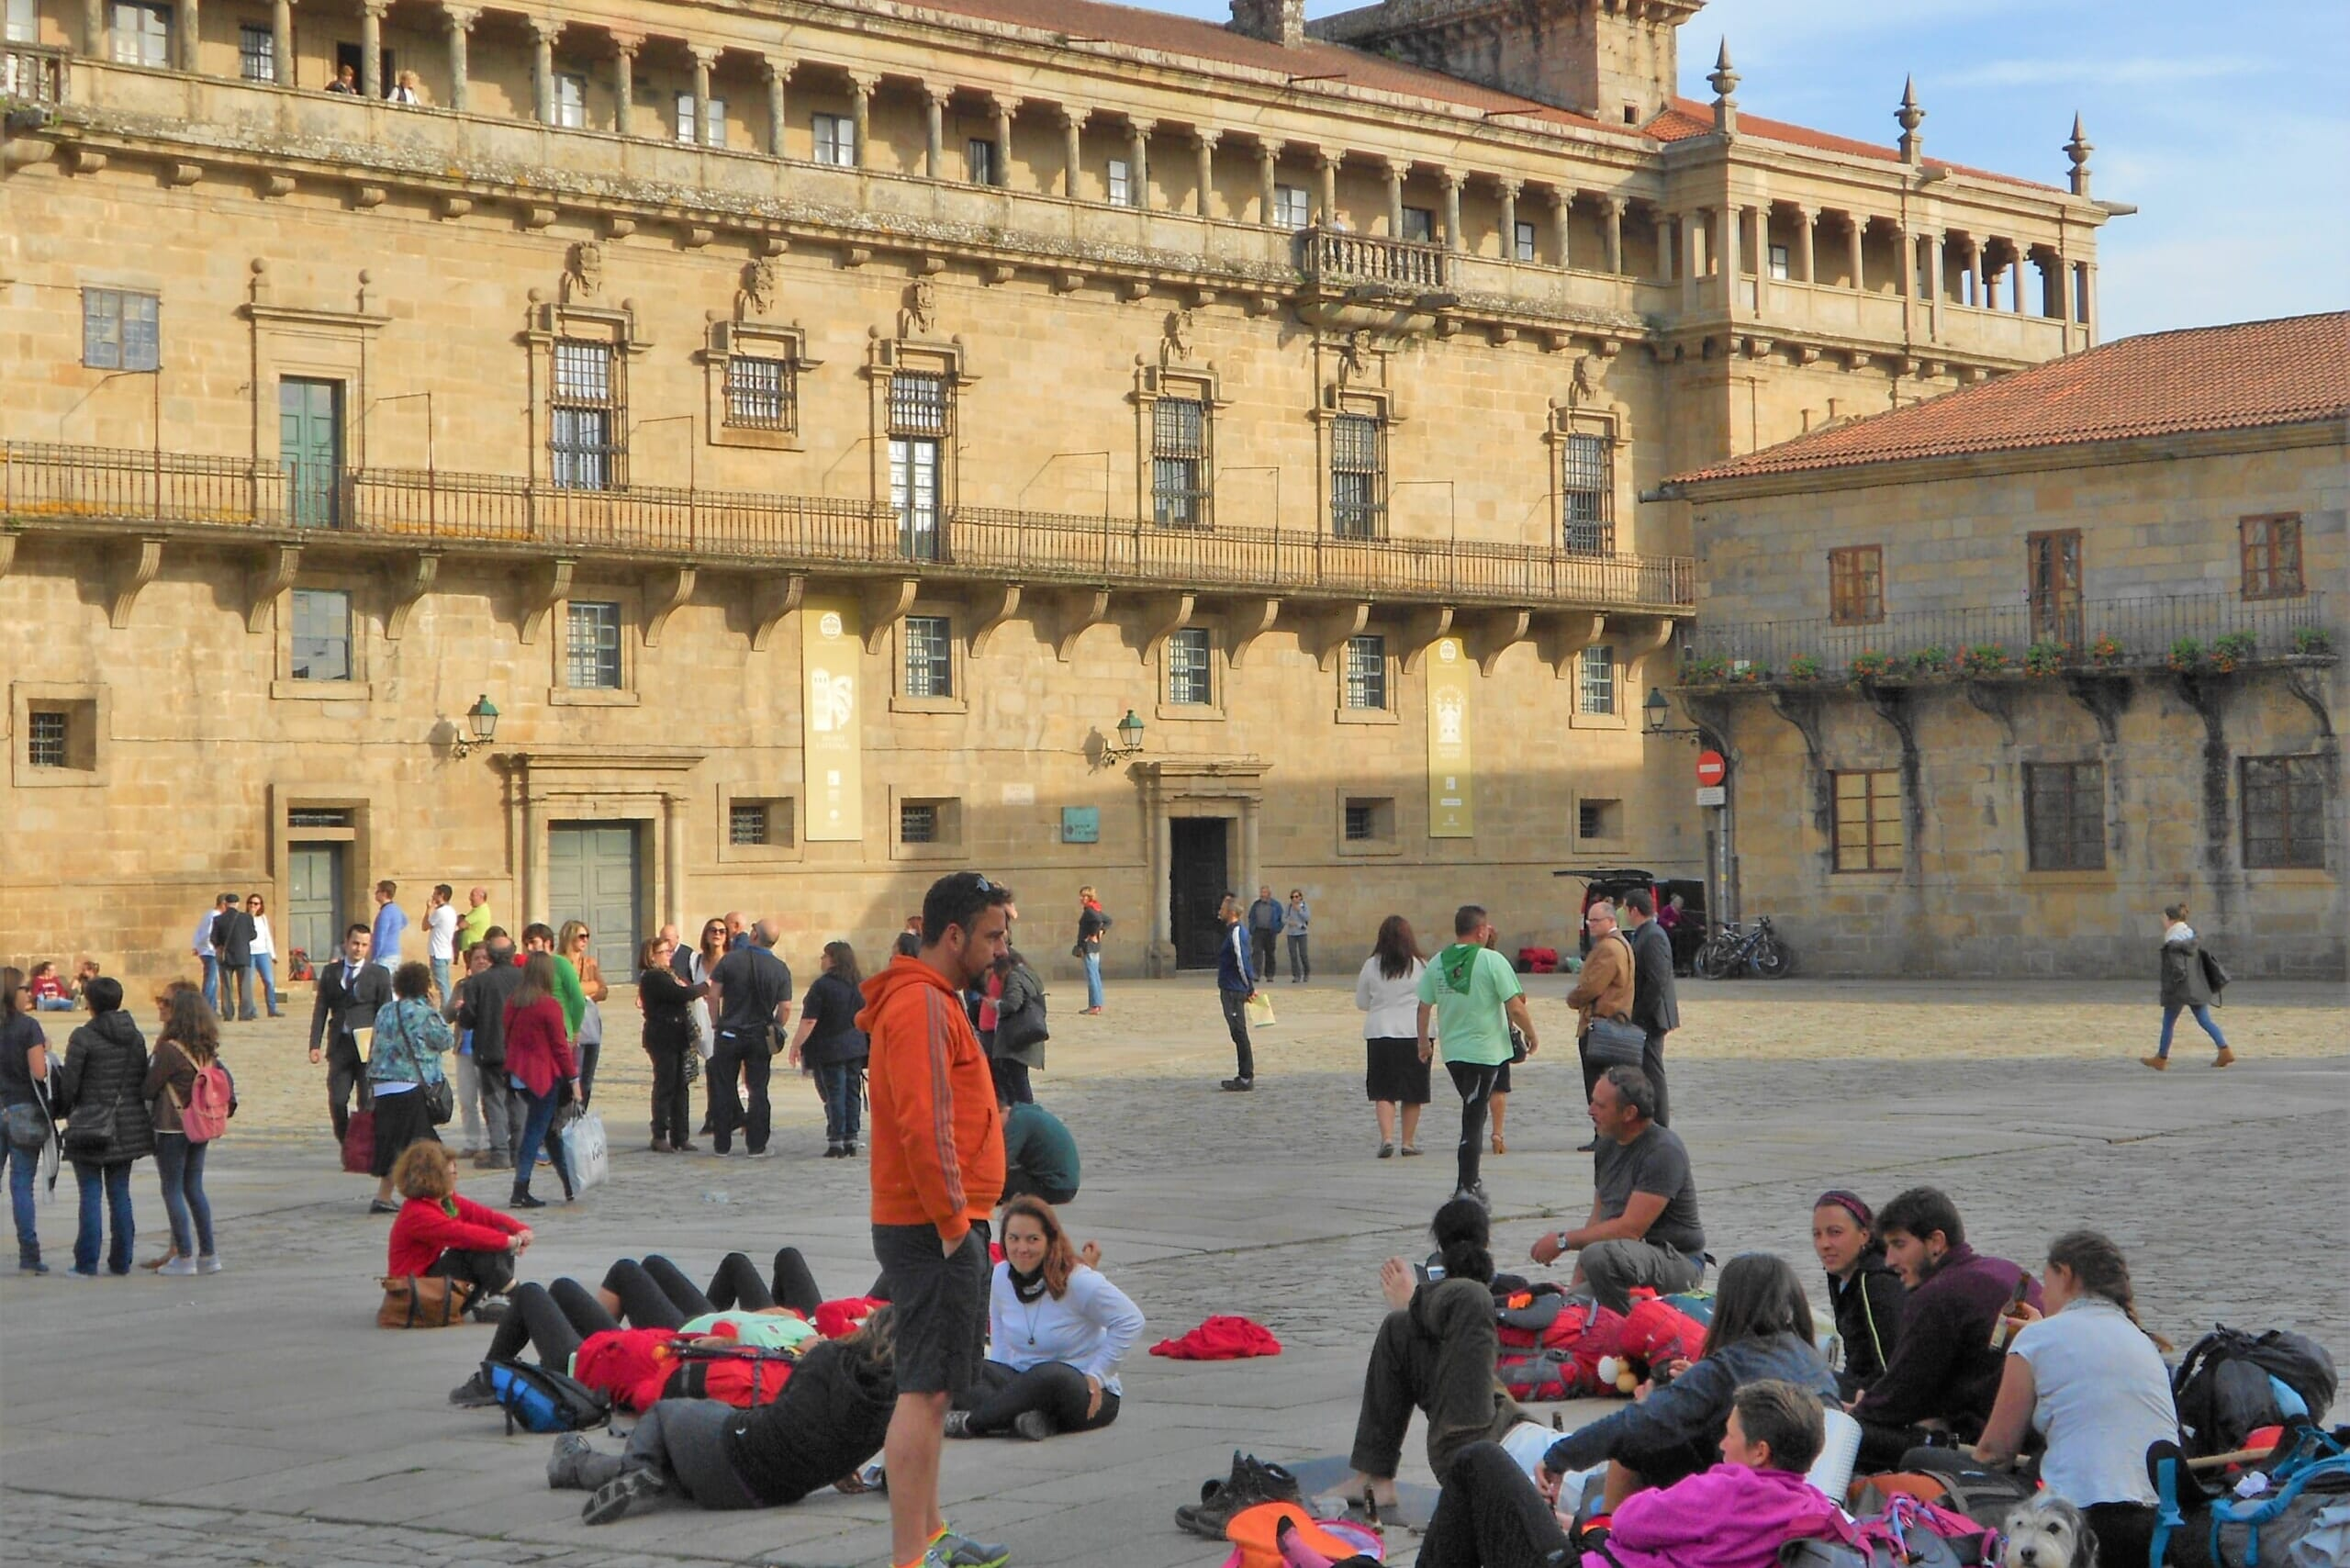 北スペインの観光スポットであるガリシアのサンティアゴ・デ・コンポステーラ大聖堂前の広場